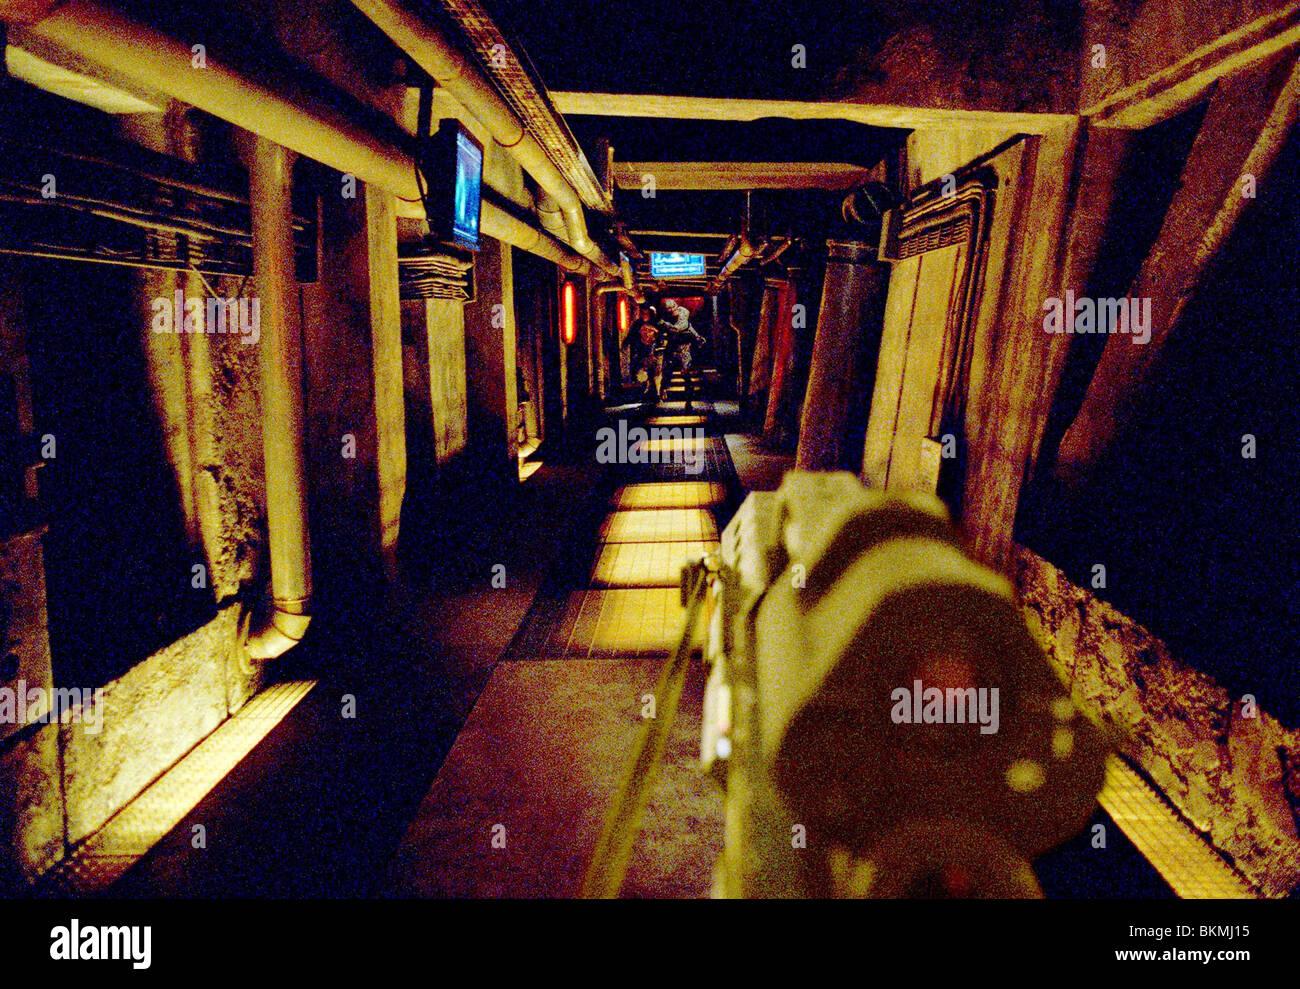 DOOM -2005 Imagen De Stock